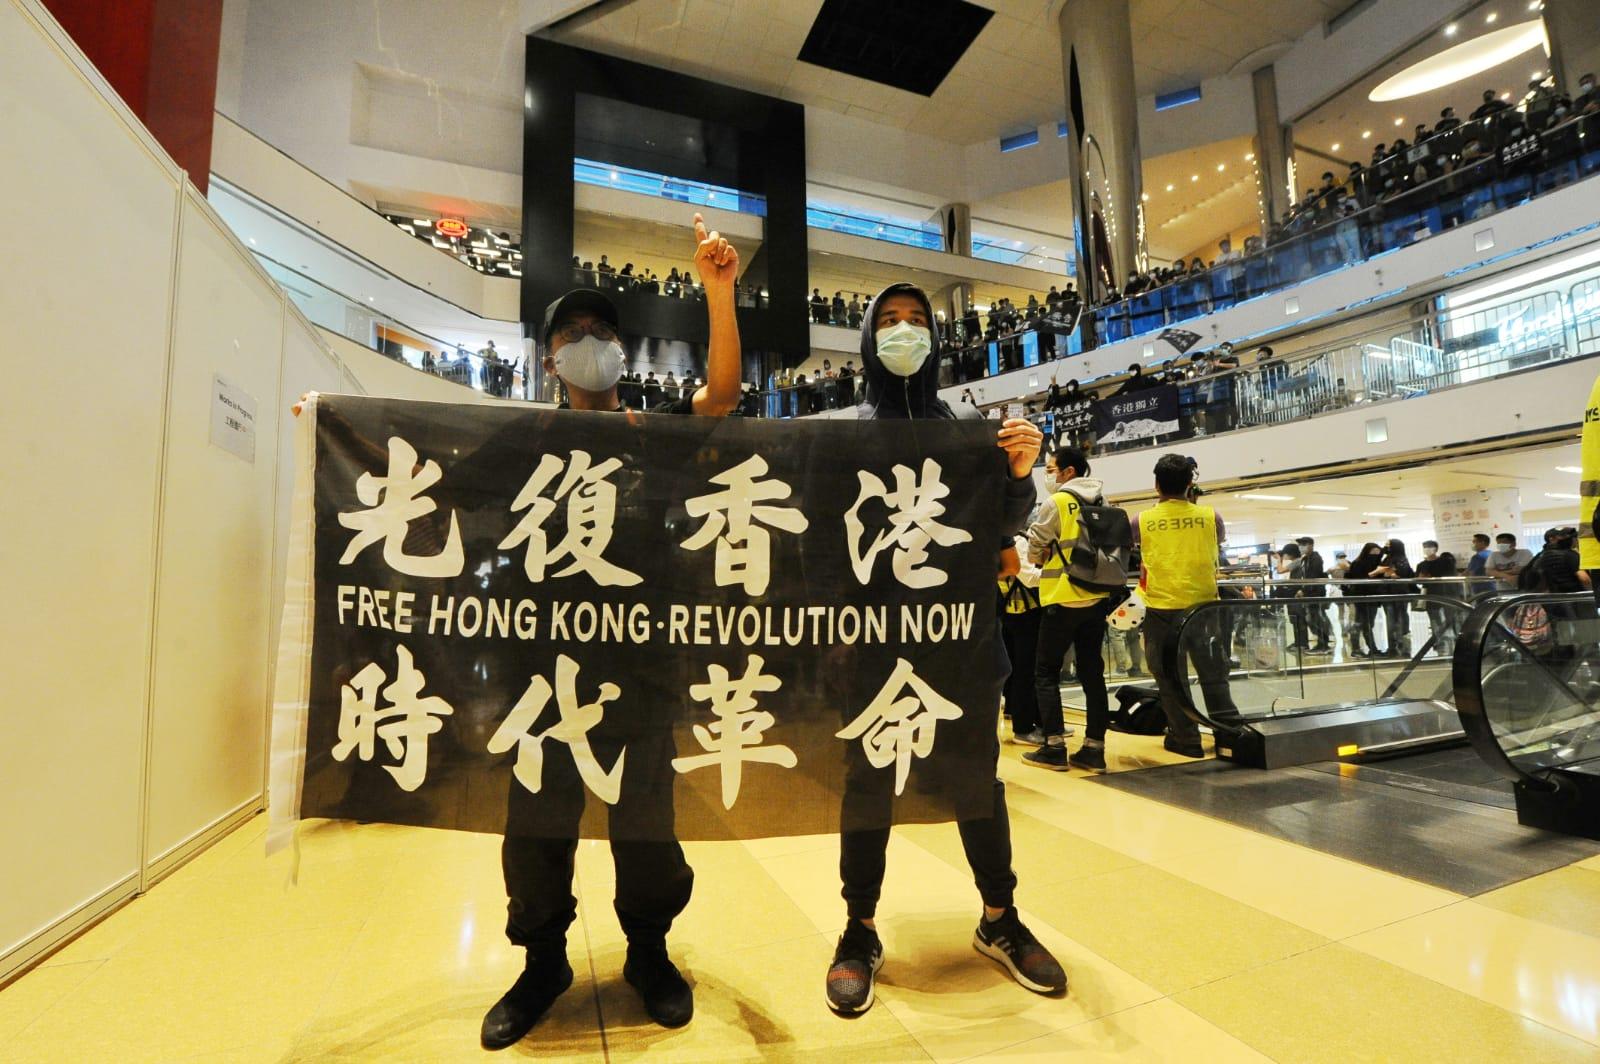 有網民昨日在太古城中心發起「太古城中心 願榮光歸香港 重演千人大合唱」行動,有市民舉「光復香港」旗幟並高唱《願榮光歸香港》。(宋碧龍/大紀元)